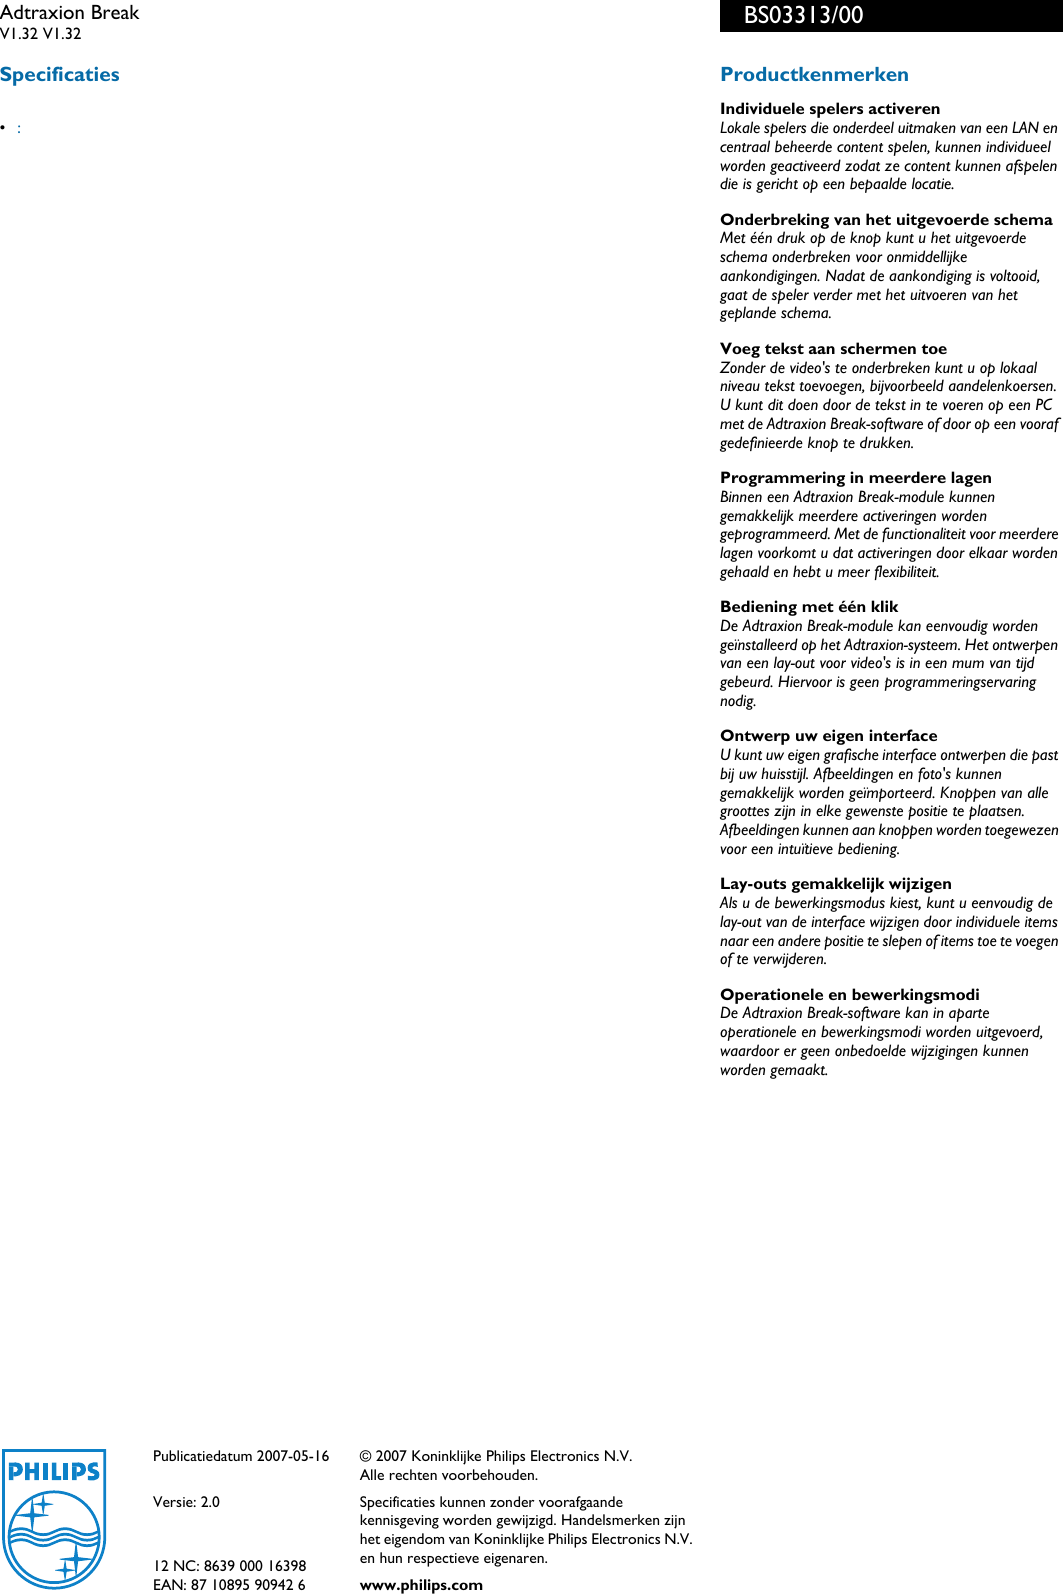 Philips BS03313/00 Adtraxion Break Brochure Bs03313 00 Pss Nldnl